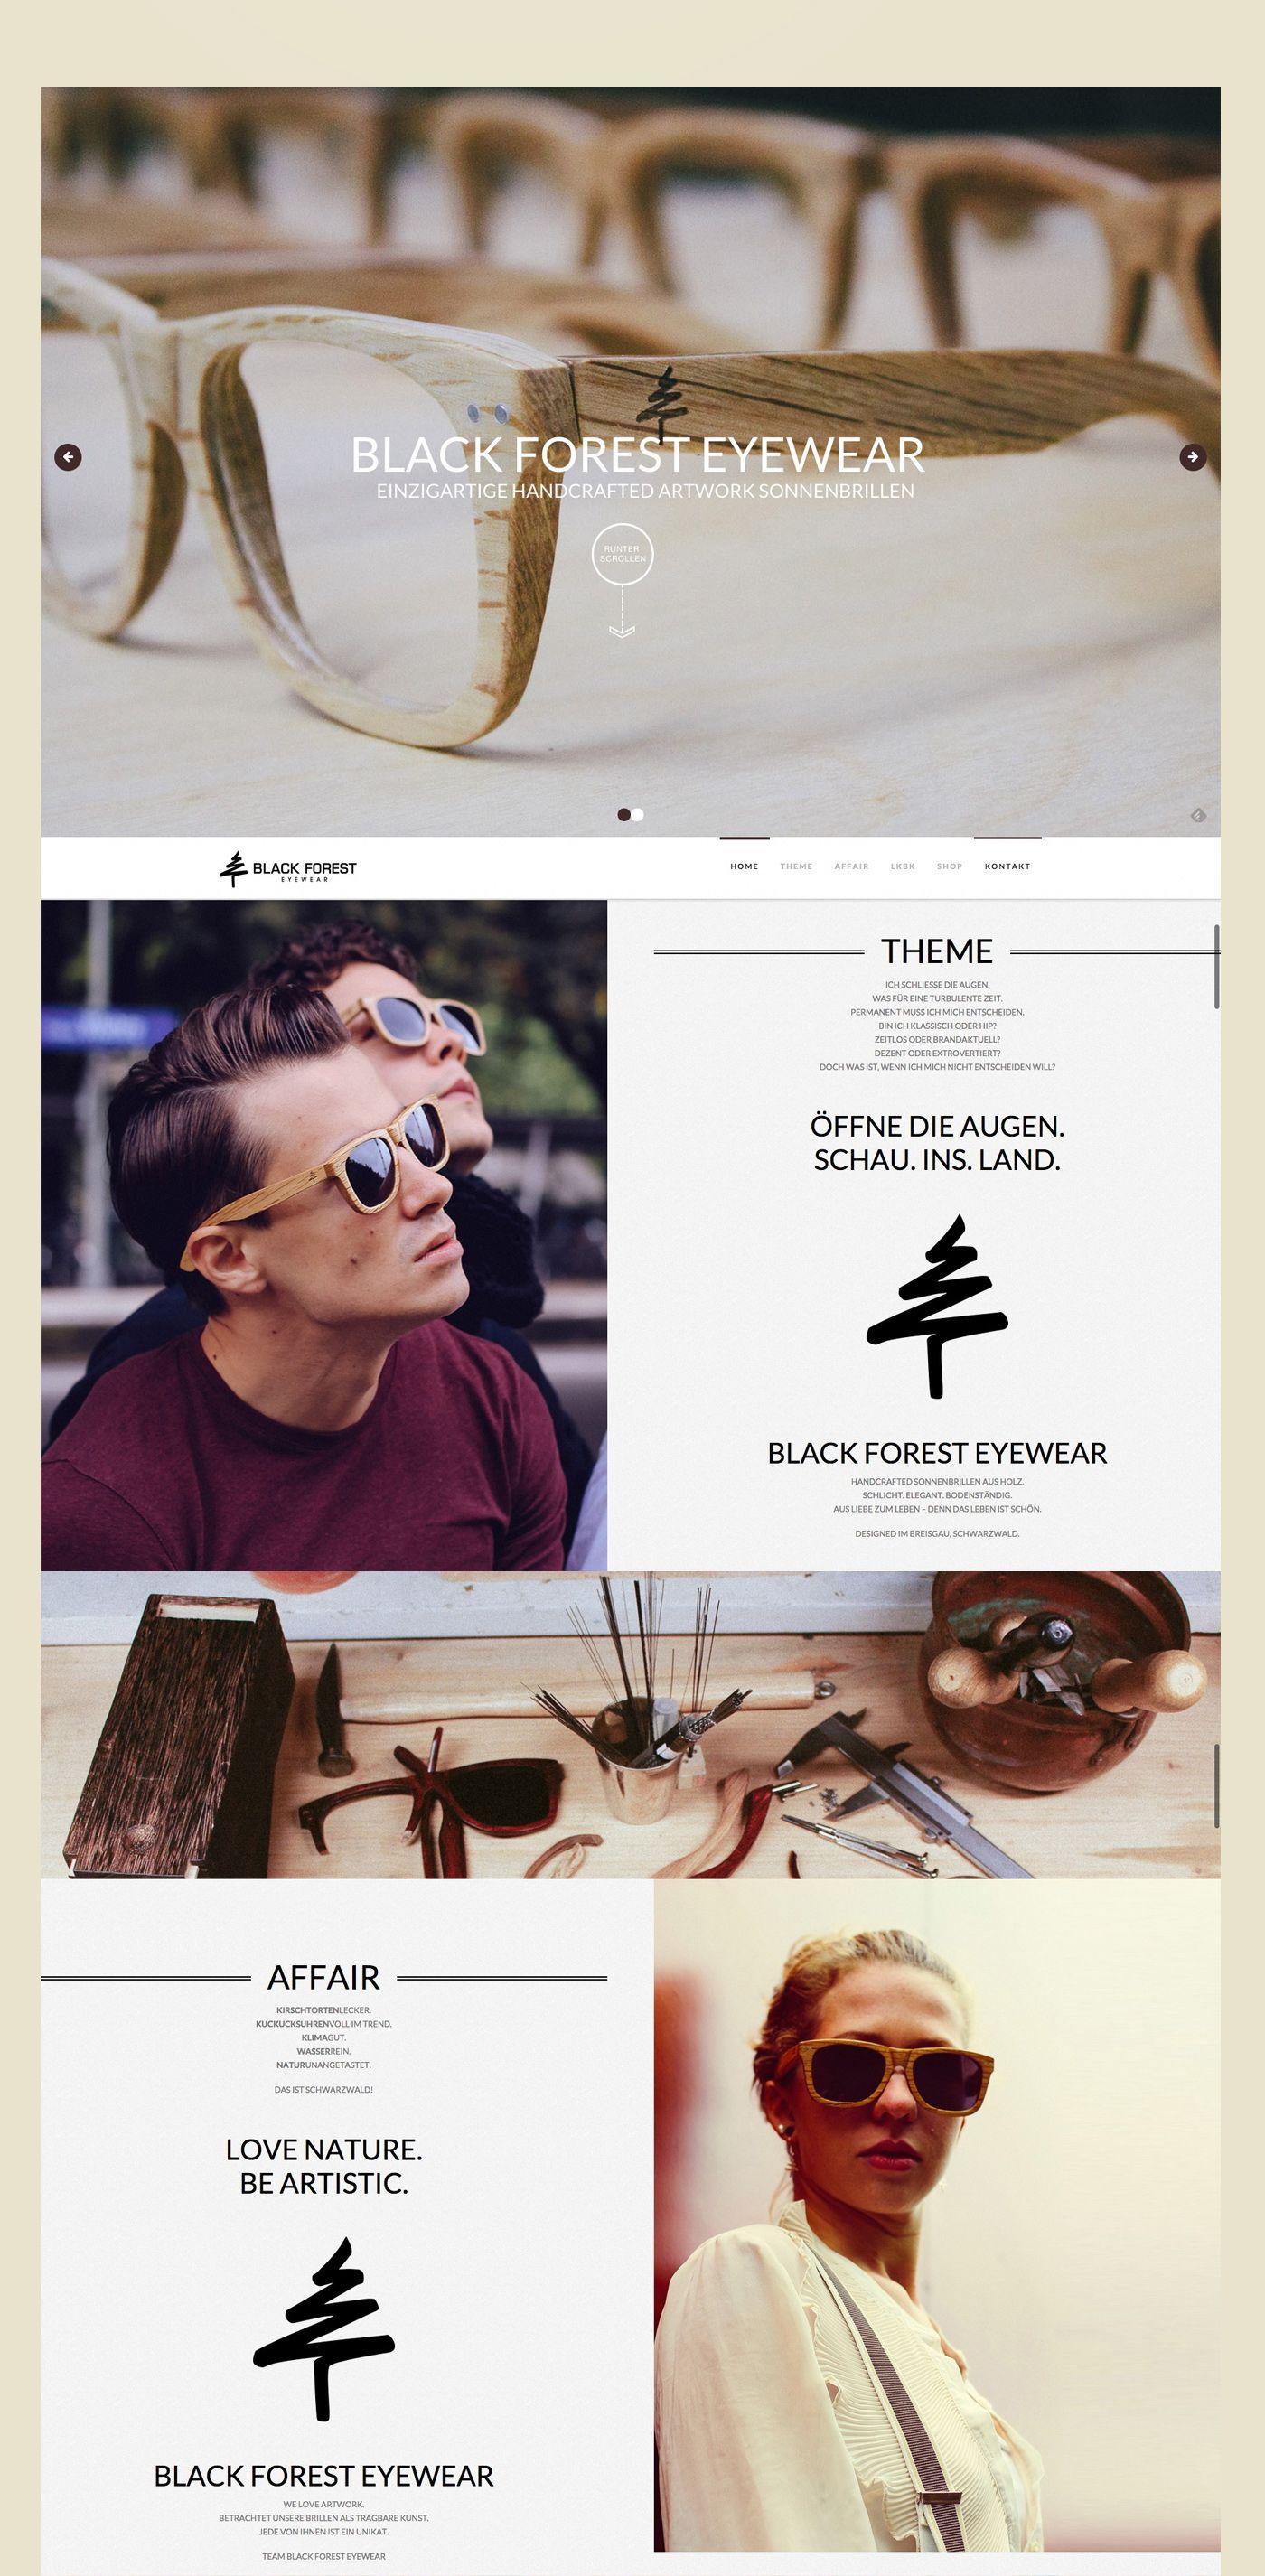 Black Forest Eyewear Schwarzwald Brille Web Design